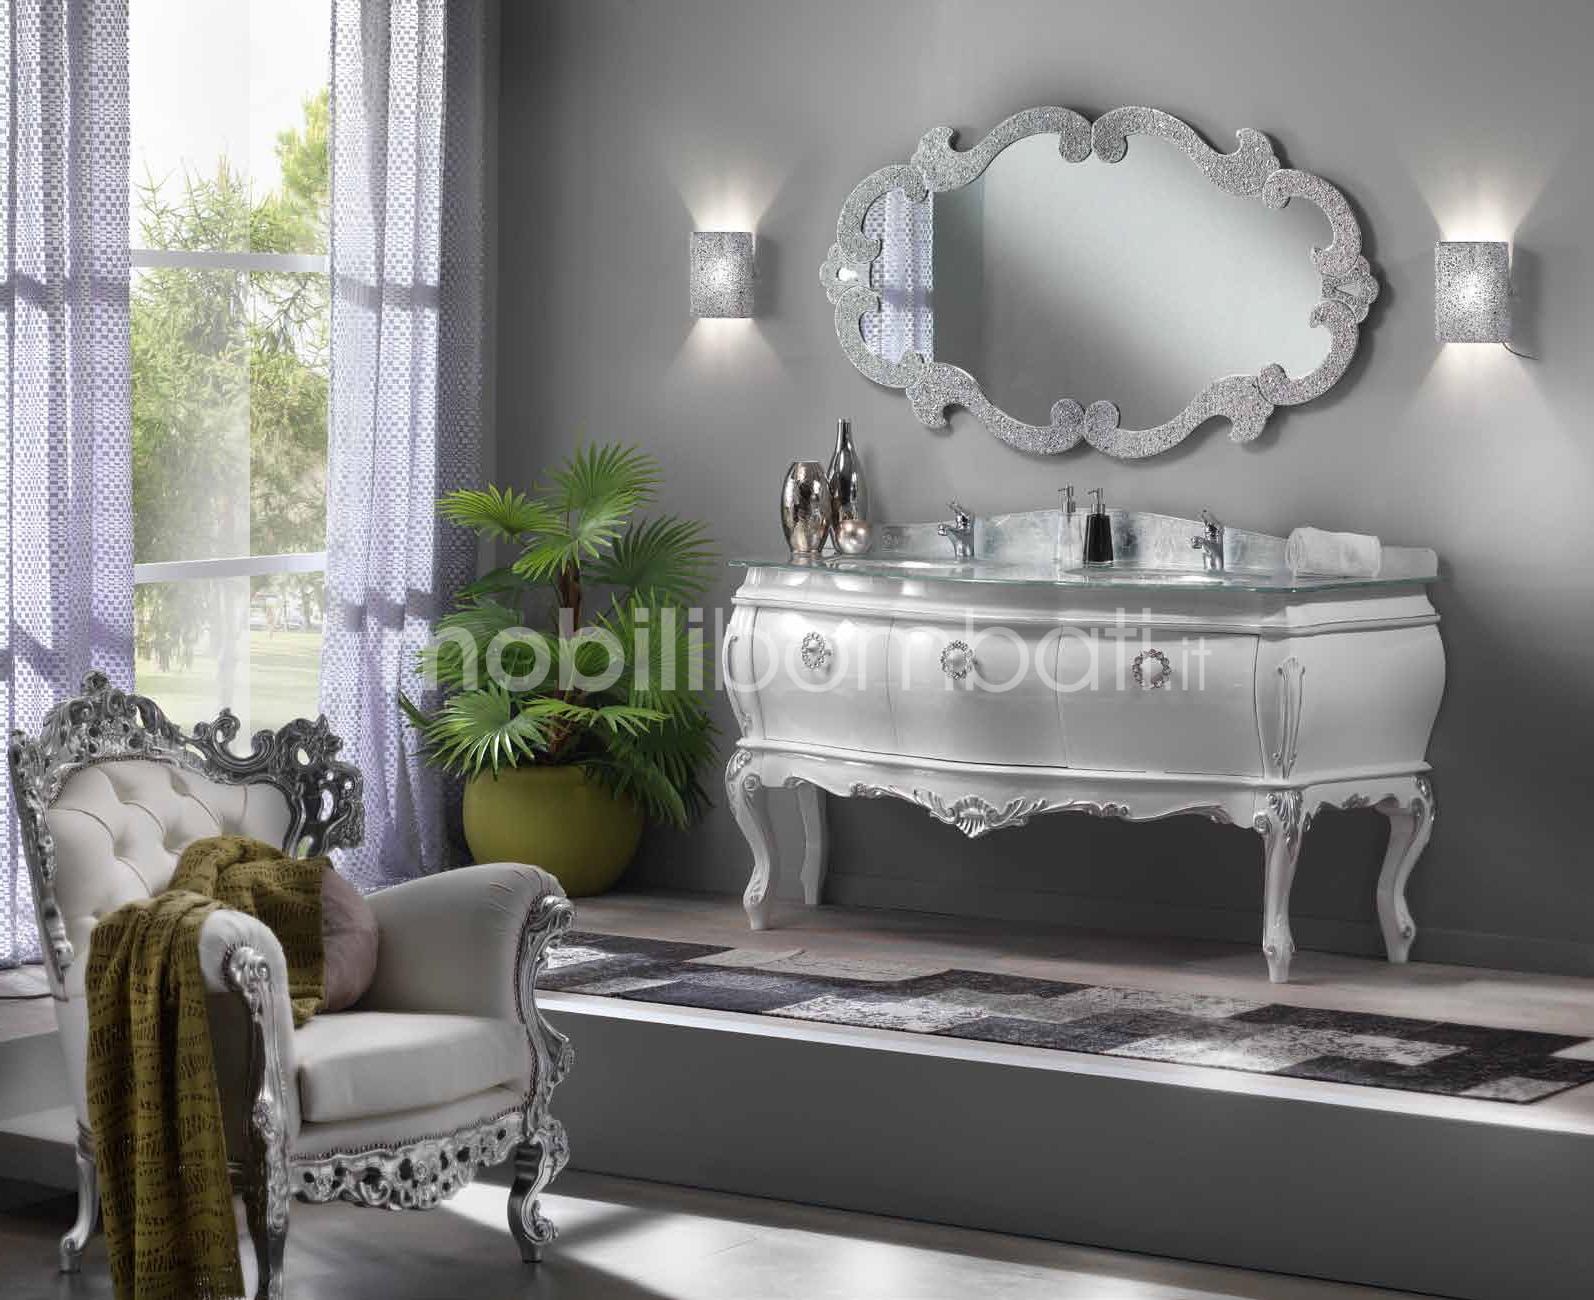 Mobile stile barocco bagno con doppio lavabo gli originali su